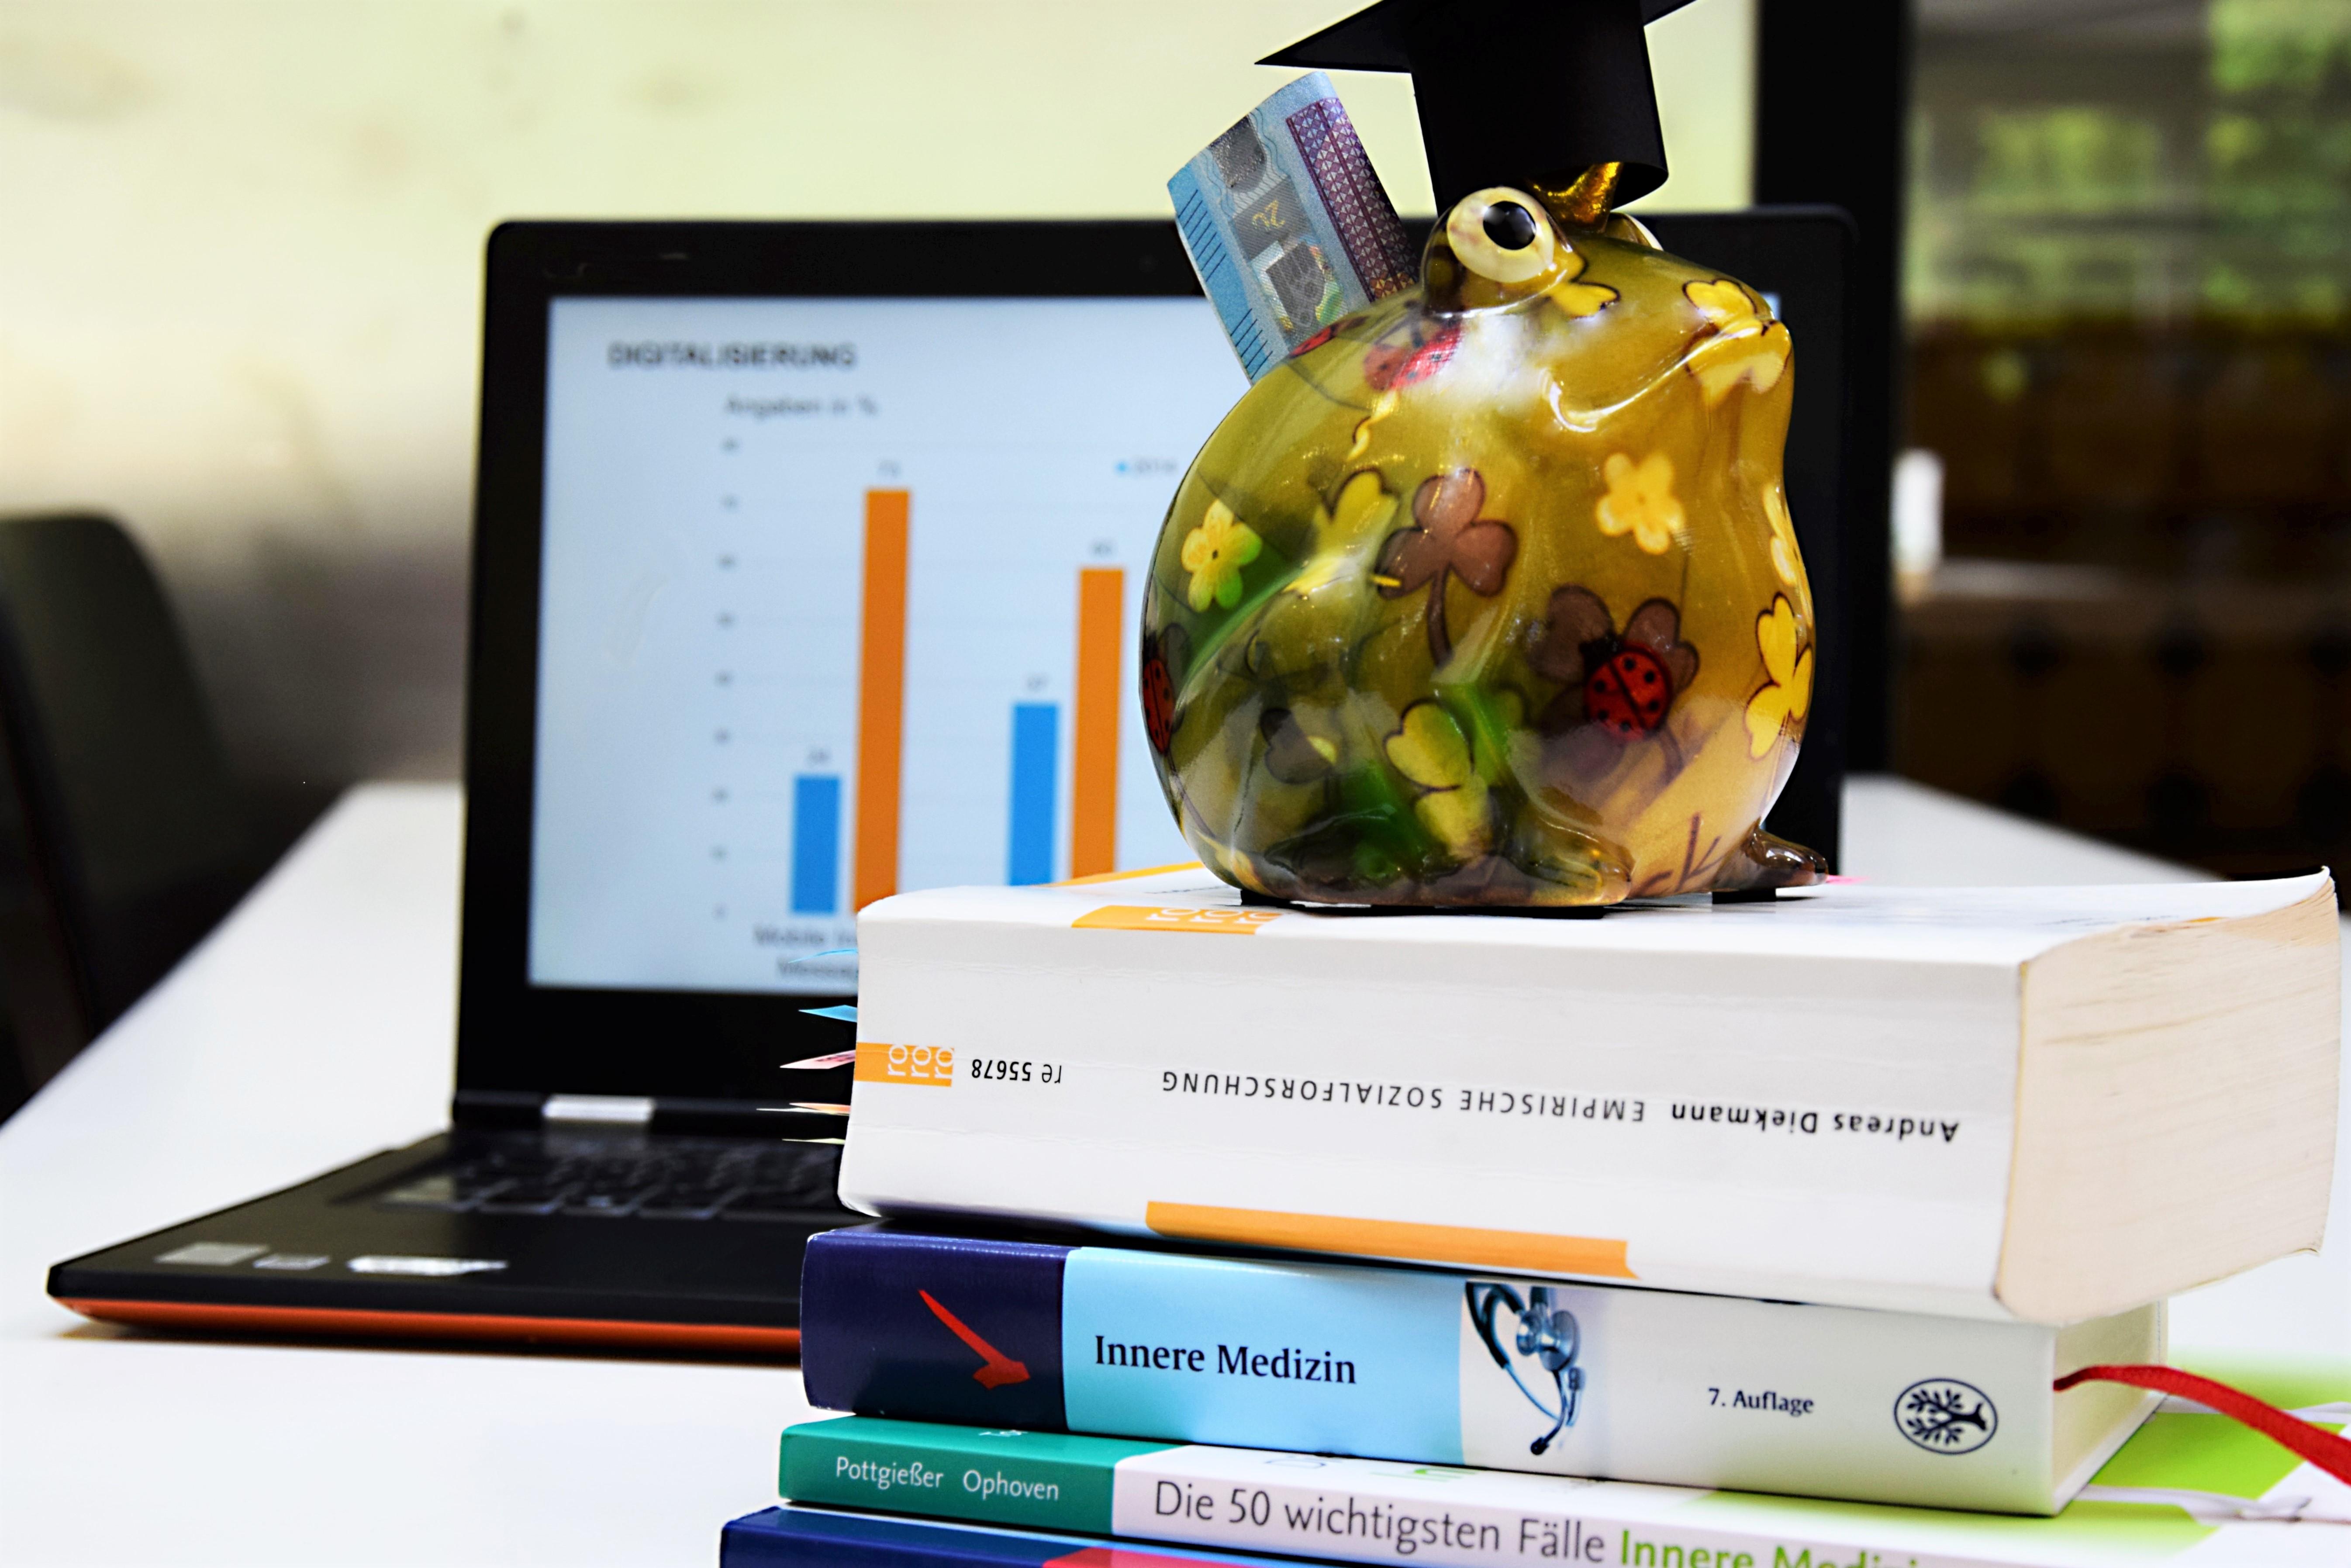 Bücher und ein Sparschwein sind im Vordergrund. Im Hintergund ein Laptop mit einer Statistik zum Thema Digitalisierung.